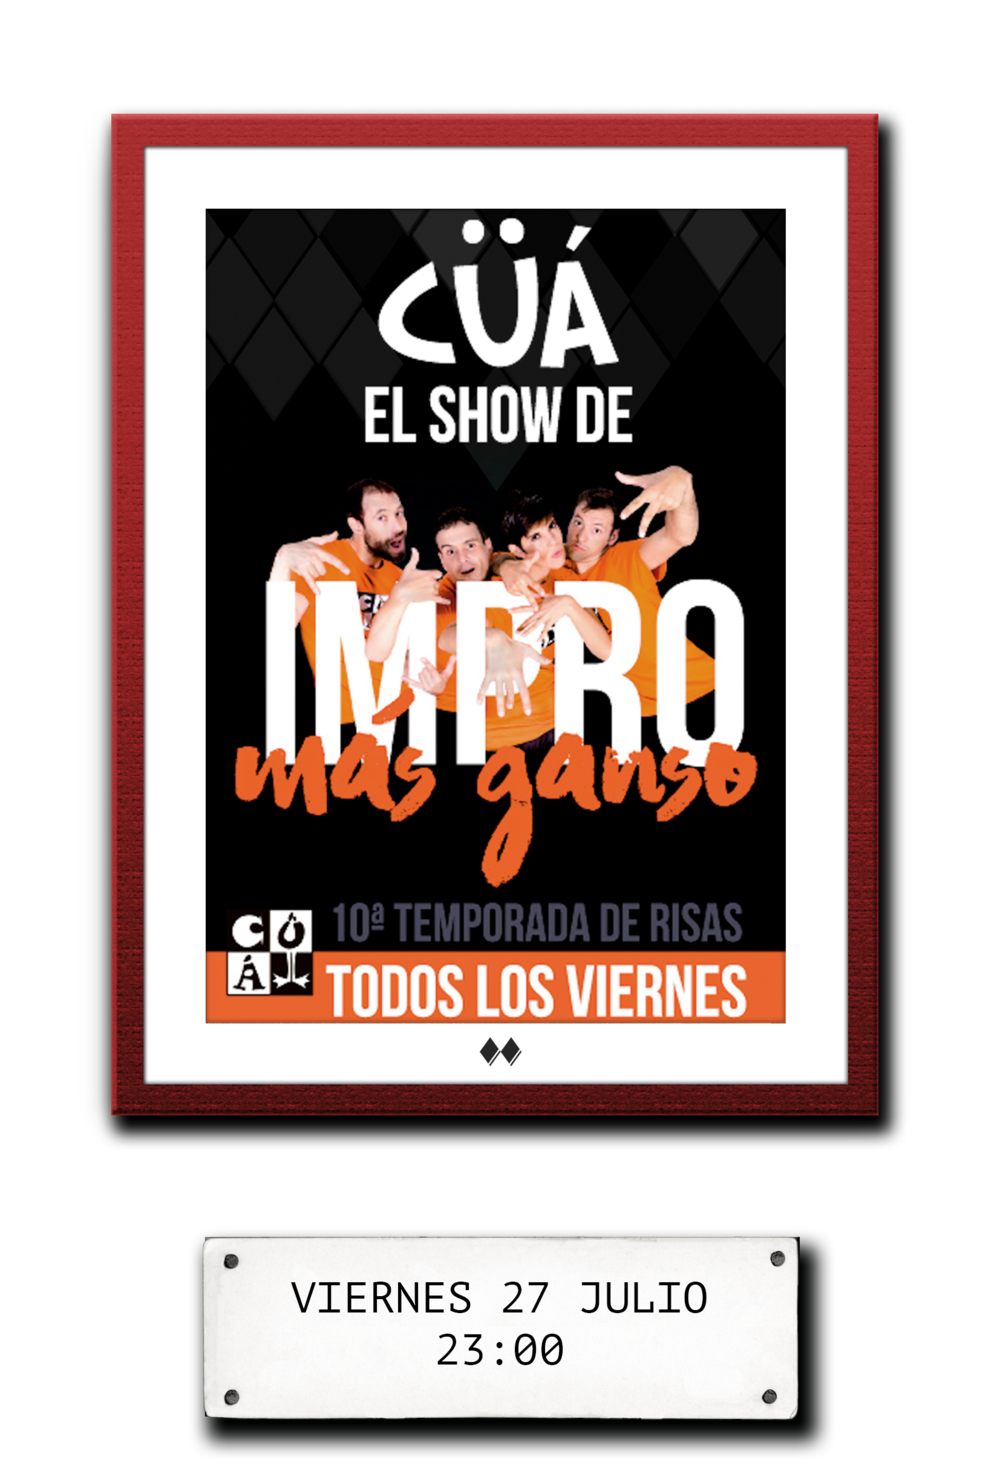 cuadro-cua-impro-improtetro-ganso-madrid-teatro-arlequin-gran-via-comprar-entradas.png